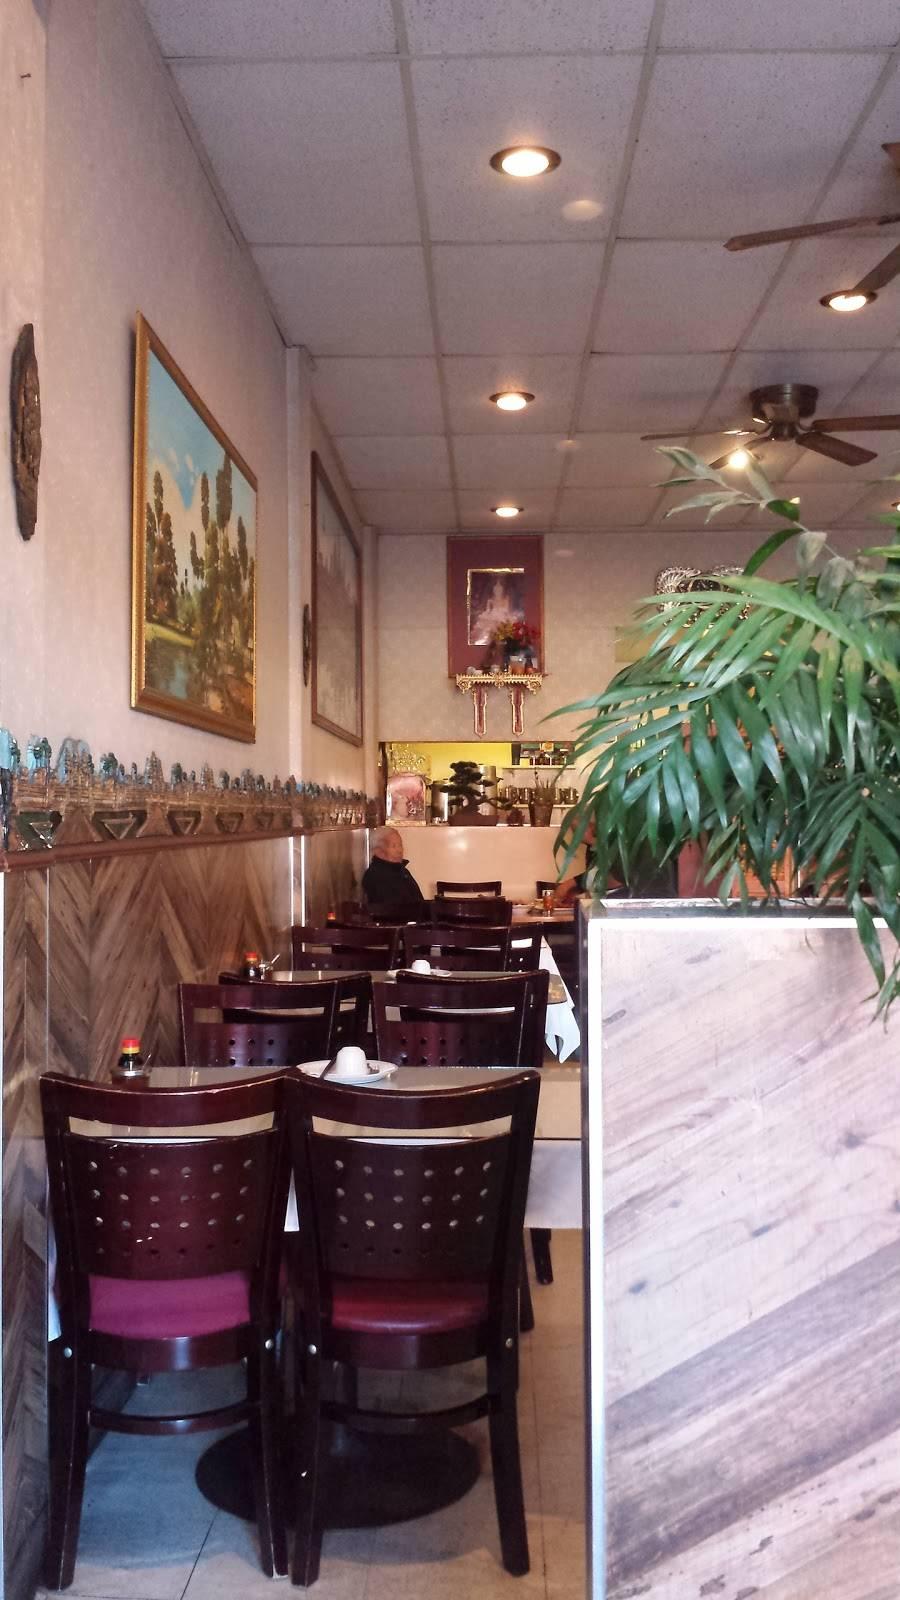 Phnom Penh House | restaurant | 1514 Webster St, Alameda, CA 94501, USA | 5108933825 OR +1 510-893-3825